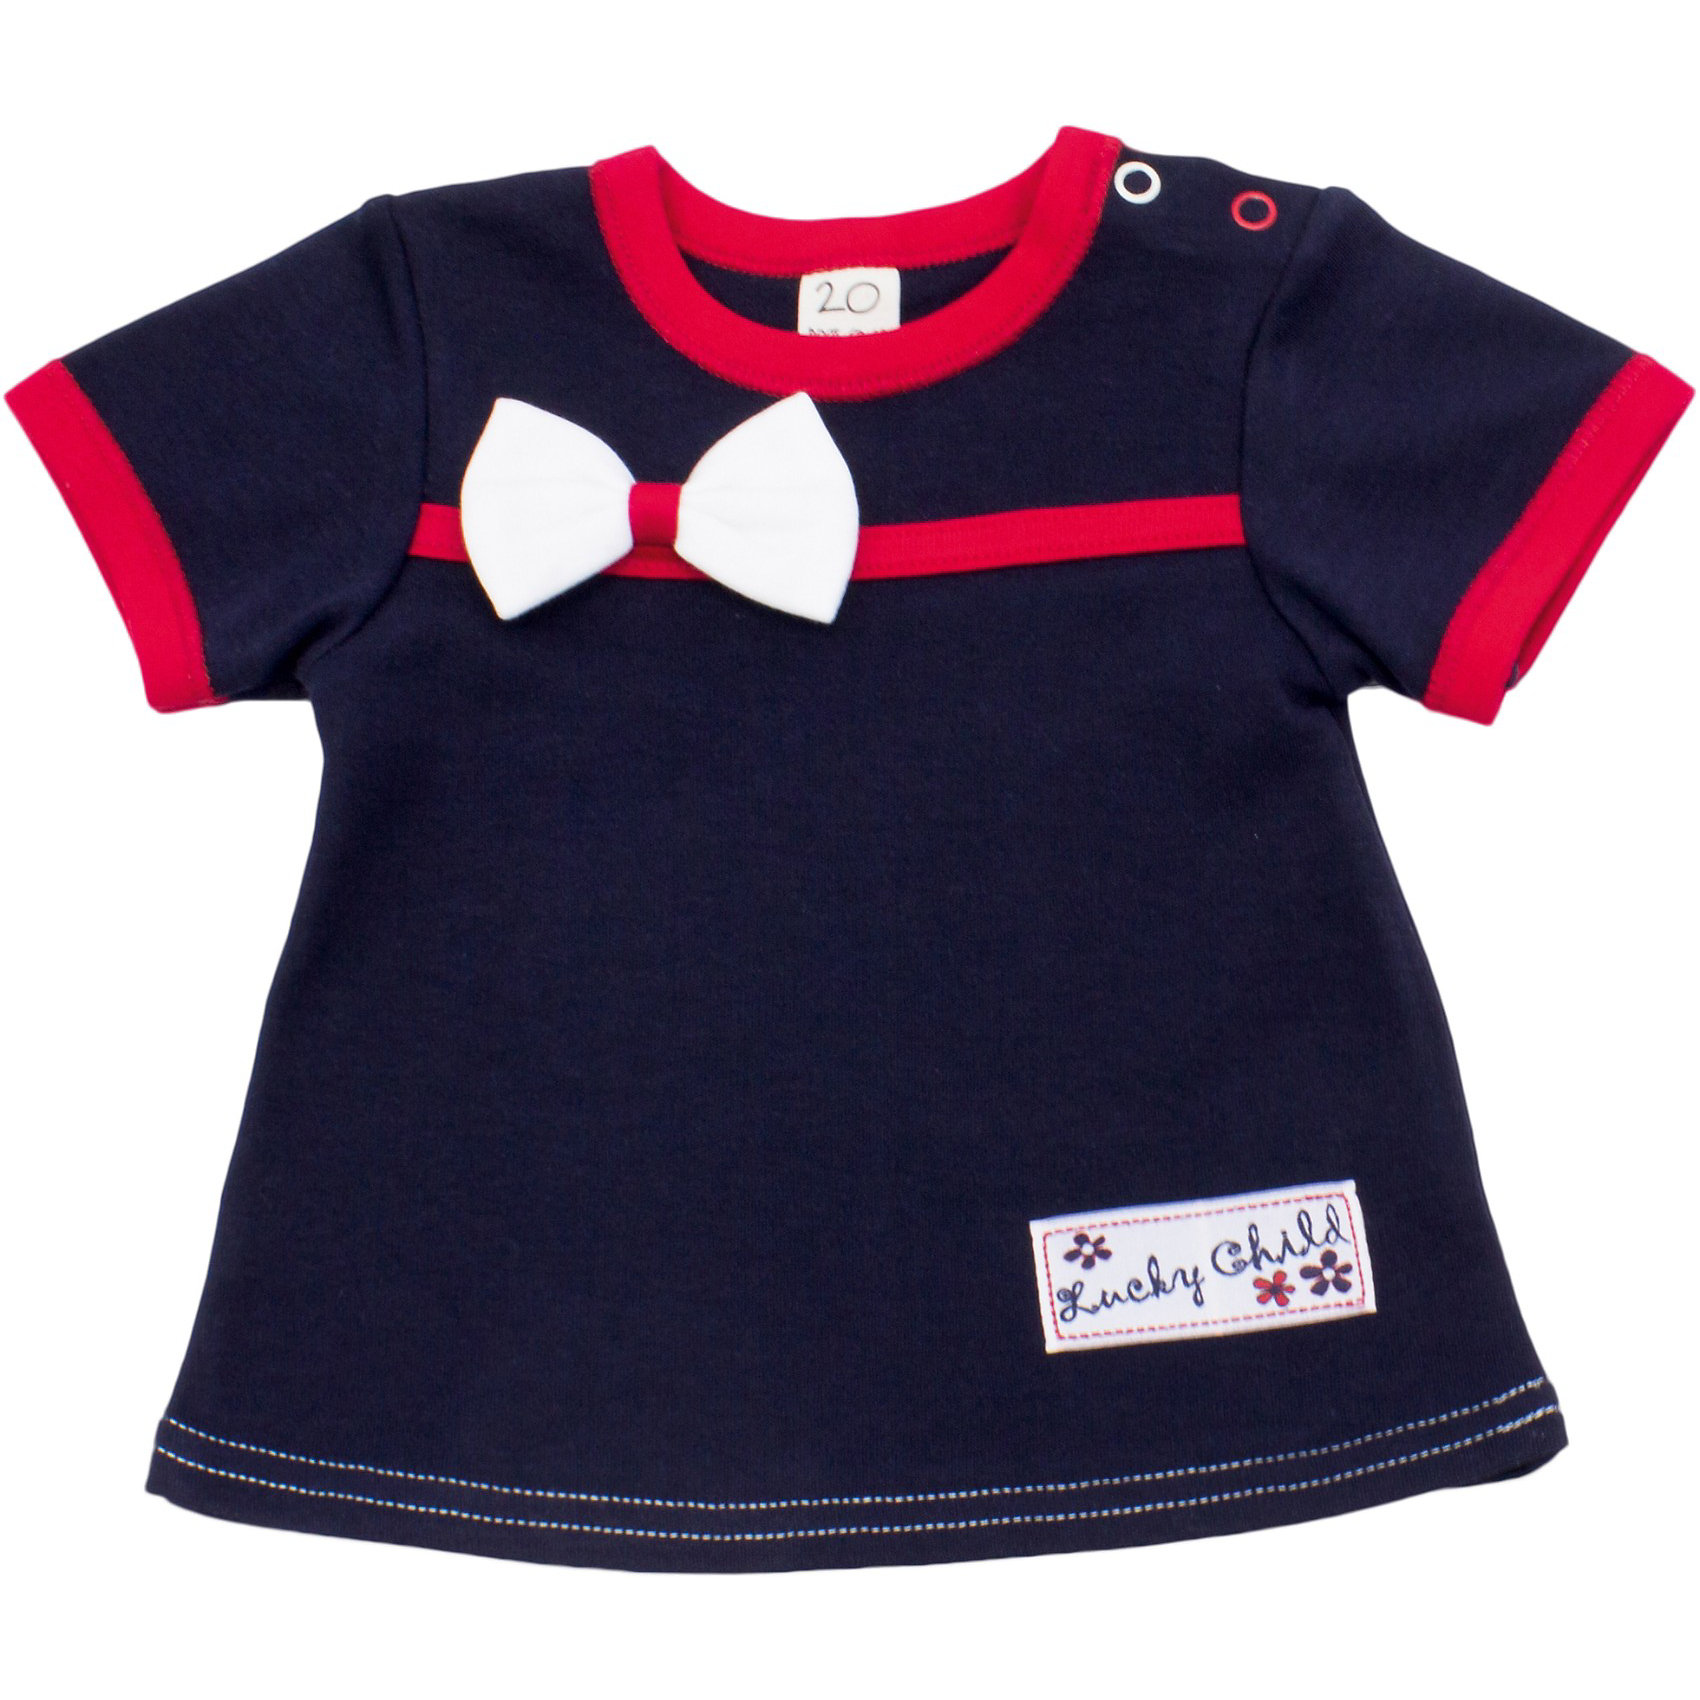 Футболка для девочки Lucky ChildФутболки, топы<br>Футболка для девочки Lucky Child<br>Неповторимое достоинство одежды от Lucky Child заключается в универсальной роскоши вещей. Одну и ту же вещь можно надеть на торжественное мероприятие и для прогулки на улице. Футболка – полезная вещь в гардеробе каждого модника, она отлично сочетается со штанишками, юбочками или шортиками. Комплект нарядов ограничивается только вашей фантазией!<br>Состав : 100% хлопок<br><br>Ширина мм: 199<br>Глубина мм: 10<br>Высота мм: 161<br>Вес г: 151<br>Цвет: синий<br>Возраст от месяцев: 3<br>Возраст до месяцев: 6<br>Пол: Женский<br>Возраст: Детский<br>Размер: 62/68,98/104,86/92,74/80,92/98,68/74,80/86<br>SKU: 3713377